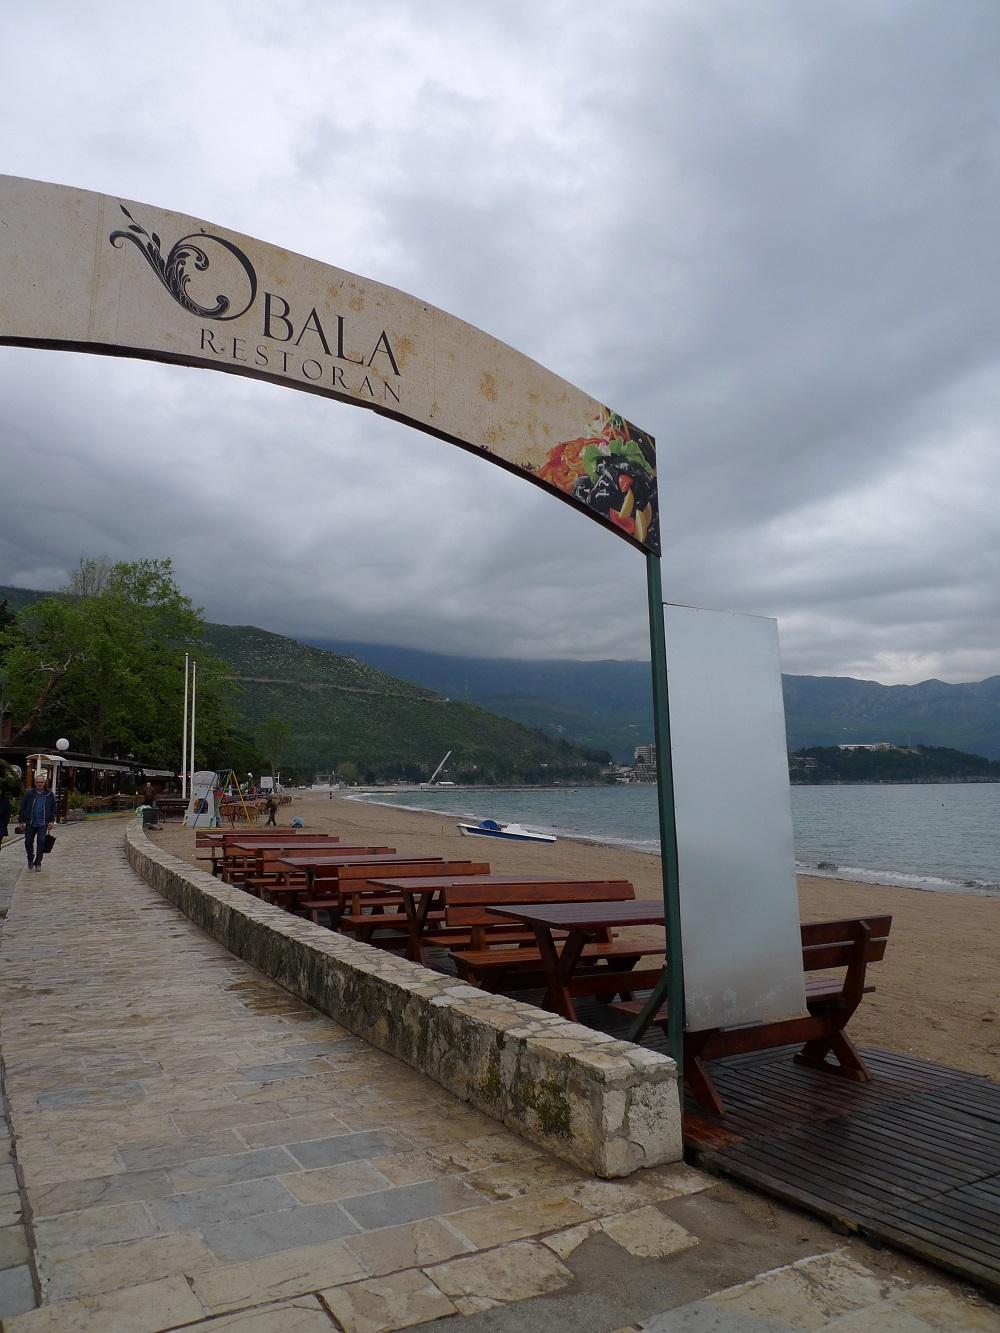 Набережная Будвы, ресторан Обала в Будве Черногория